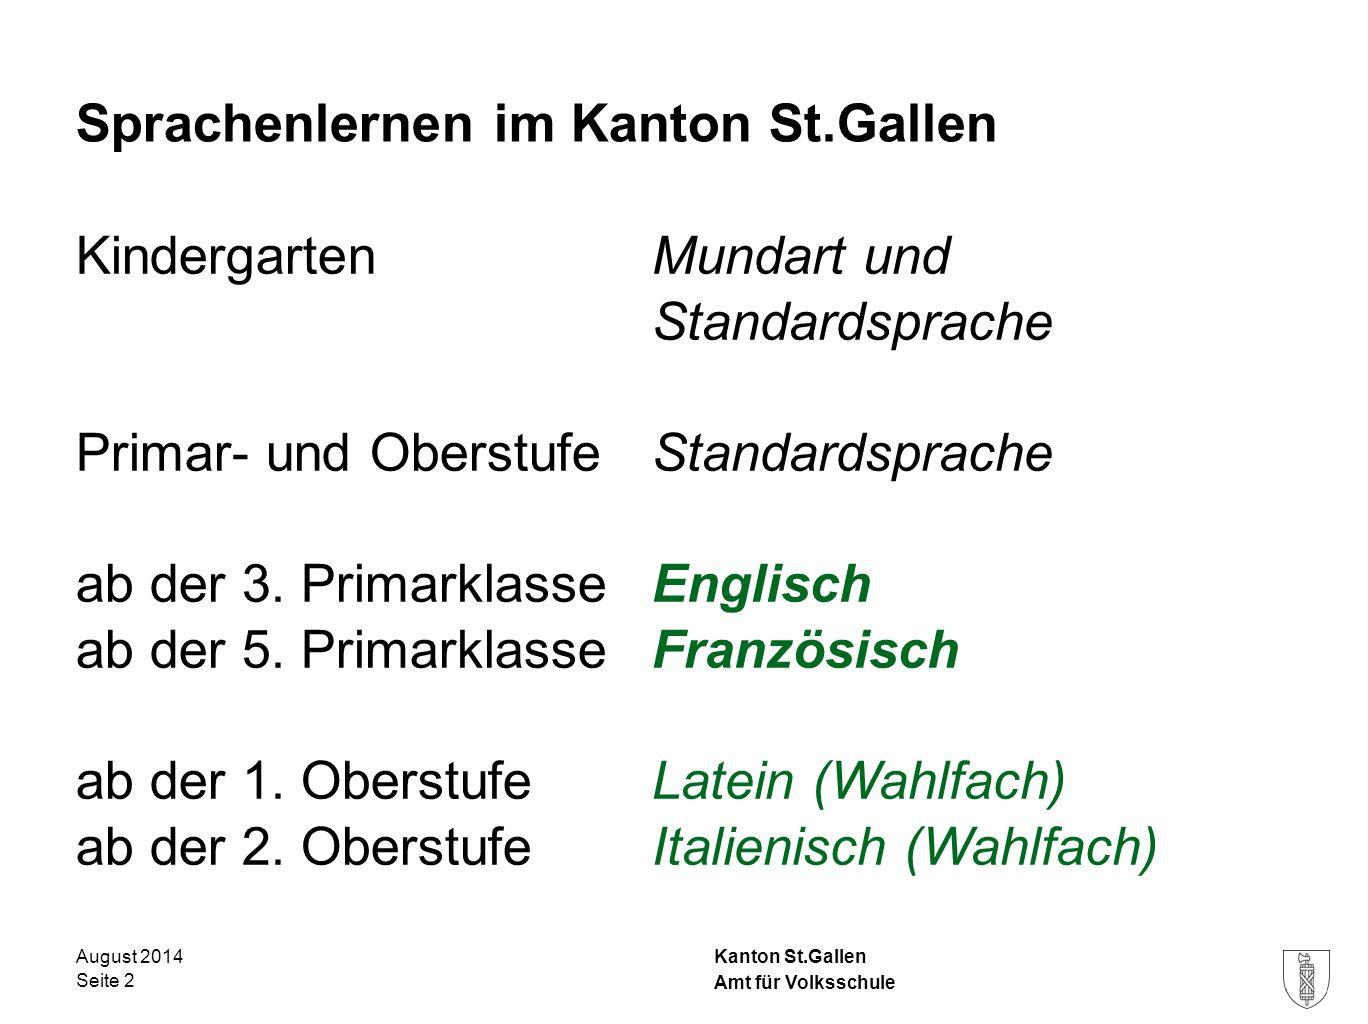 Kanton St.Gallen Sprachenlernen im Kanton St.Gallen KindergartenMundart und Standardsprache Primar- und OberstufeStandardsprache ab der 3. Primarklass